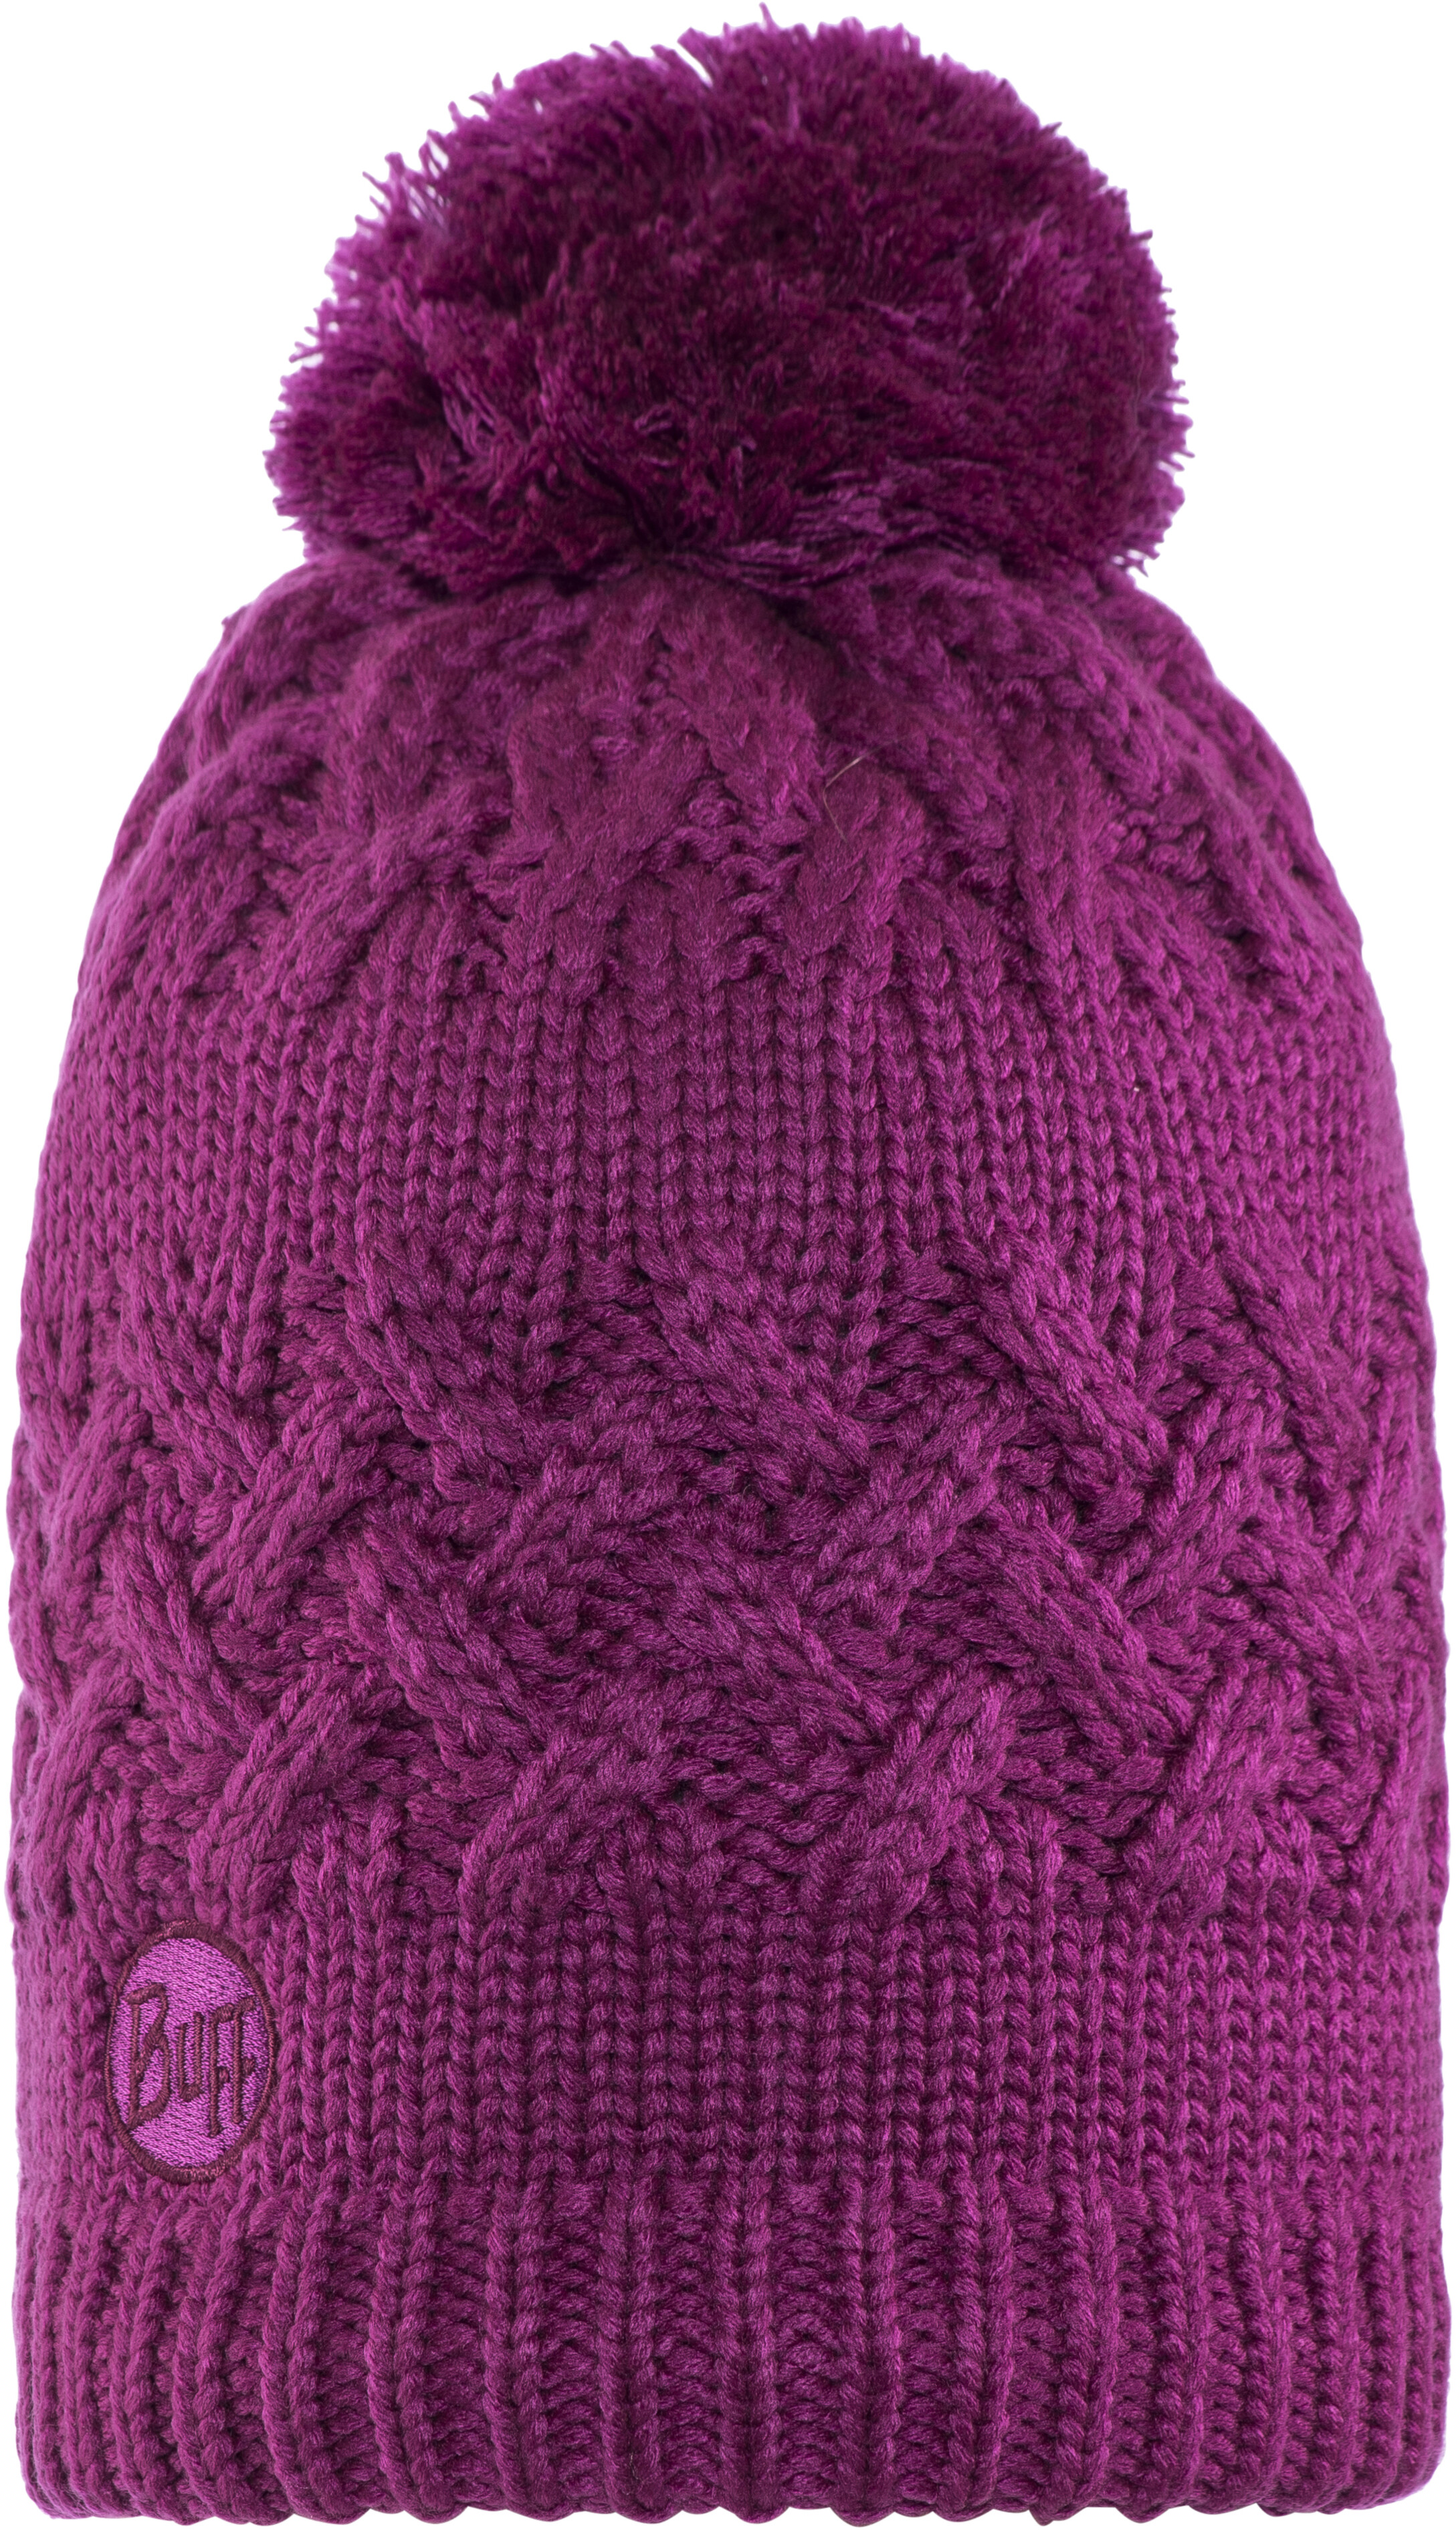 7b674a41862 Buff Savva Knitted   Polar Fleece Hat Mardi Grape